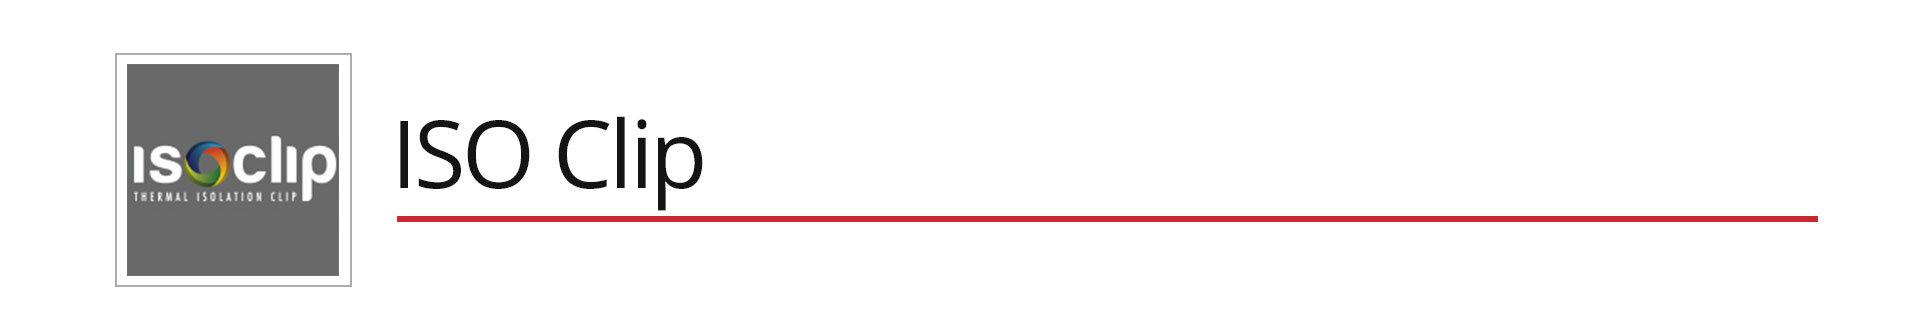 ISOClip_CADBlock-Header.jpg